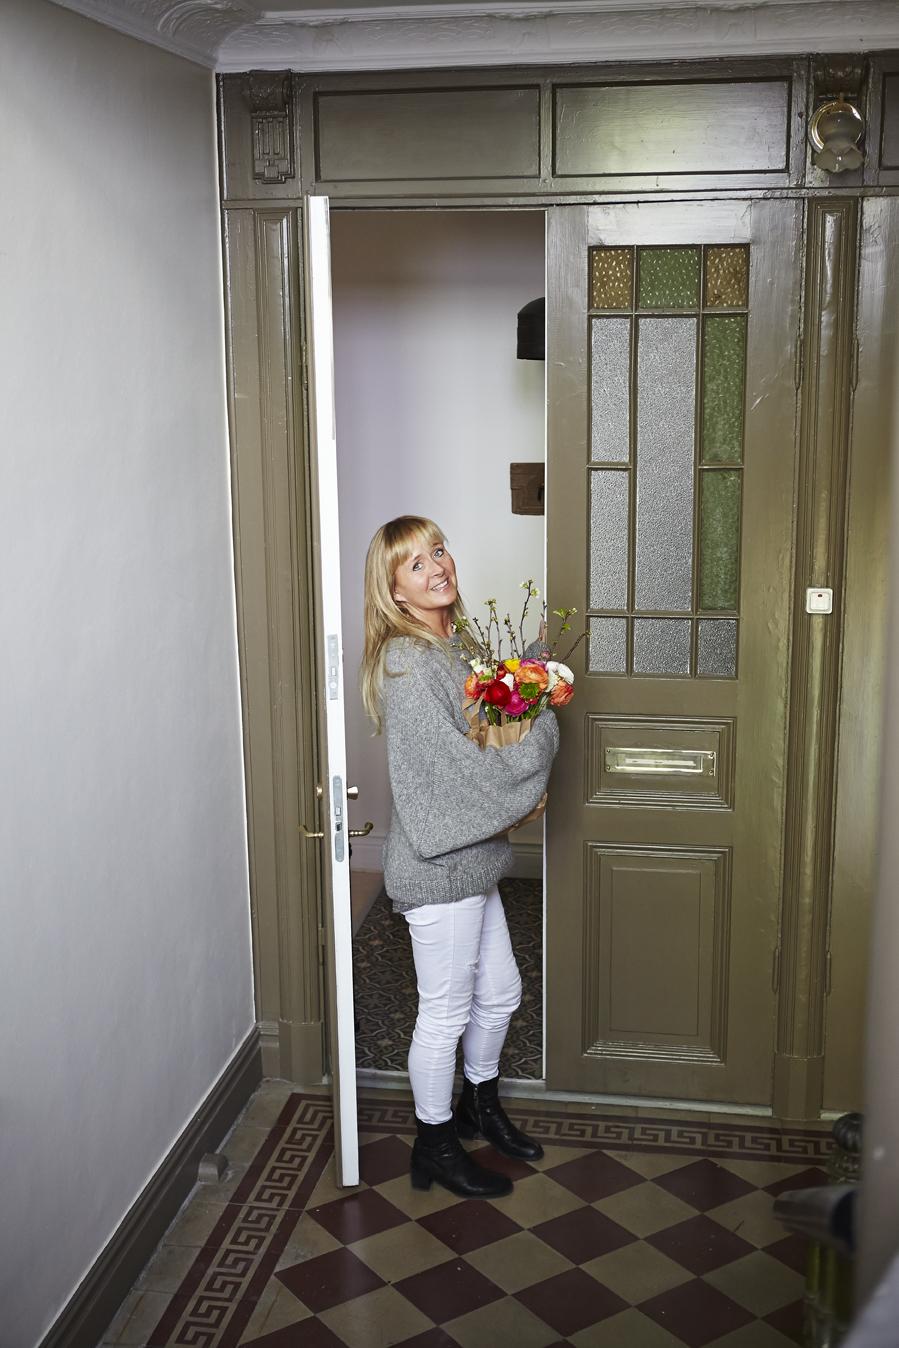 Madeleine Olsson vid de välkomnande pardörrarna med blyinfattade fönster.